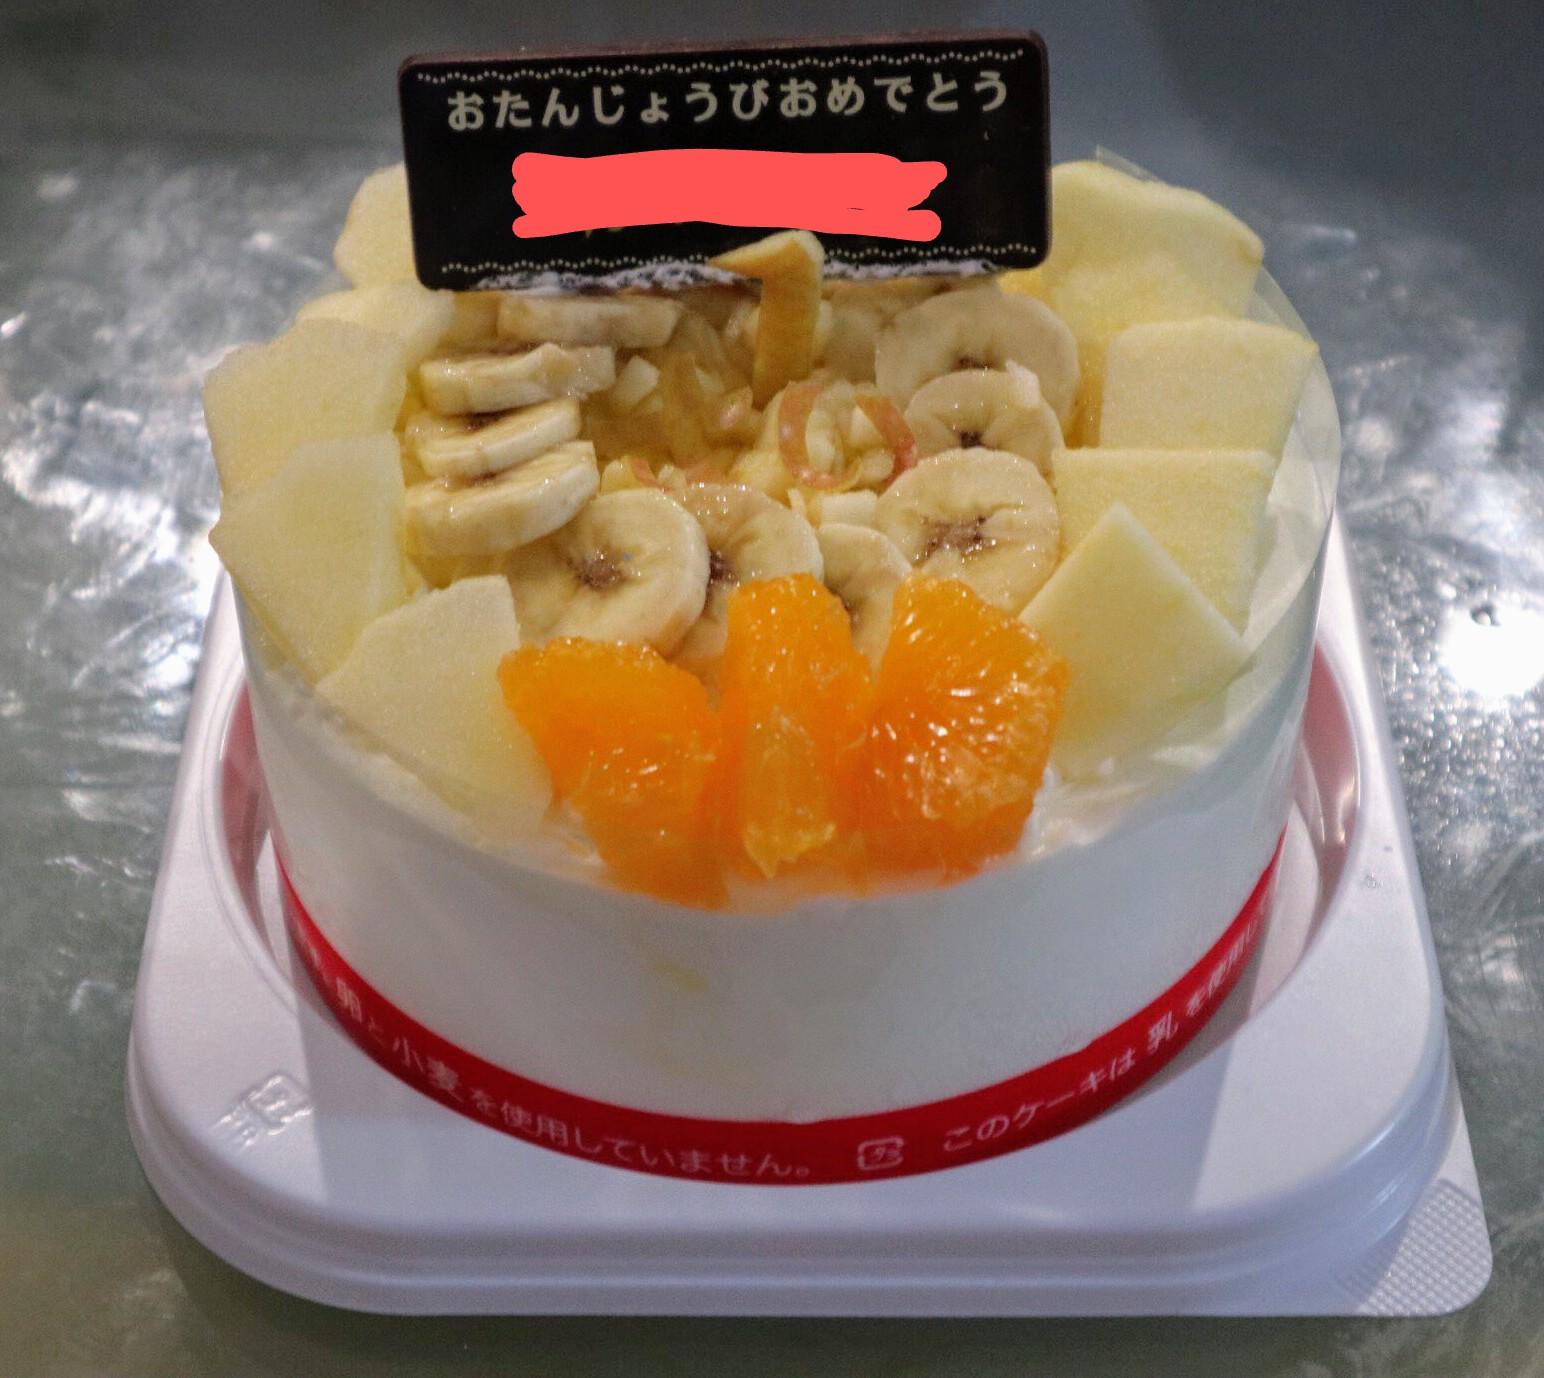 シャトレーゼ 小麦・卵抜き ケーキ